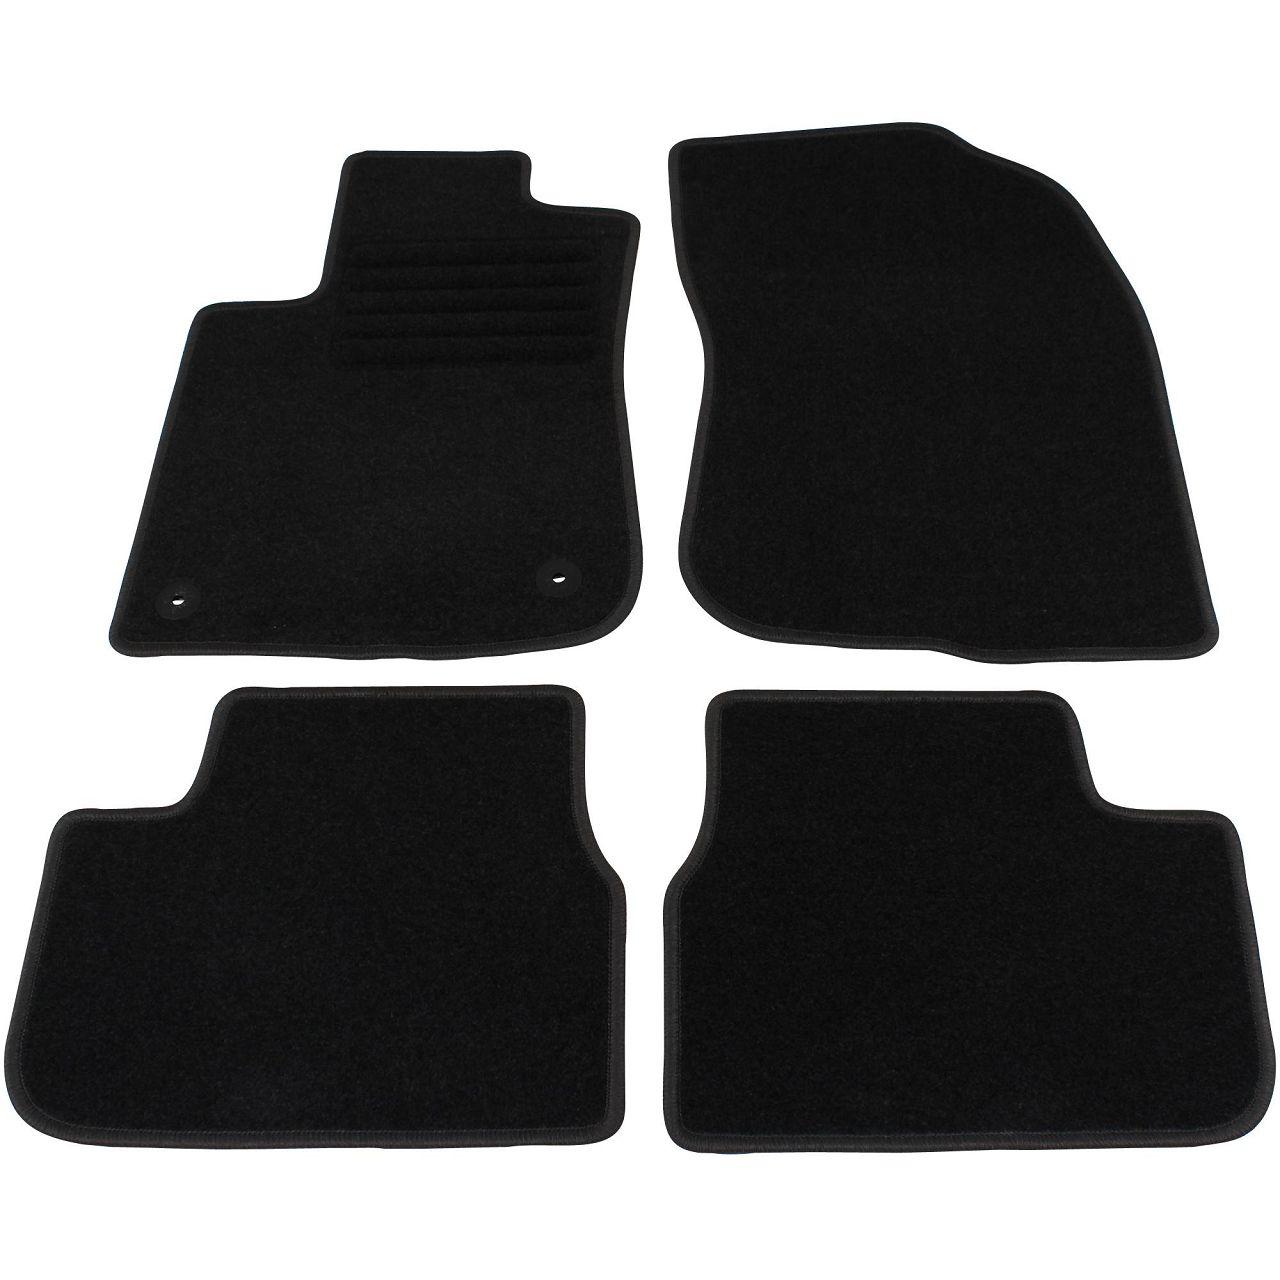 Veloursmatten Textilmatten Fußmatten Automatten für Peugeot 208 ab 03.2012 4-tlg